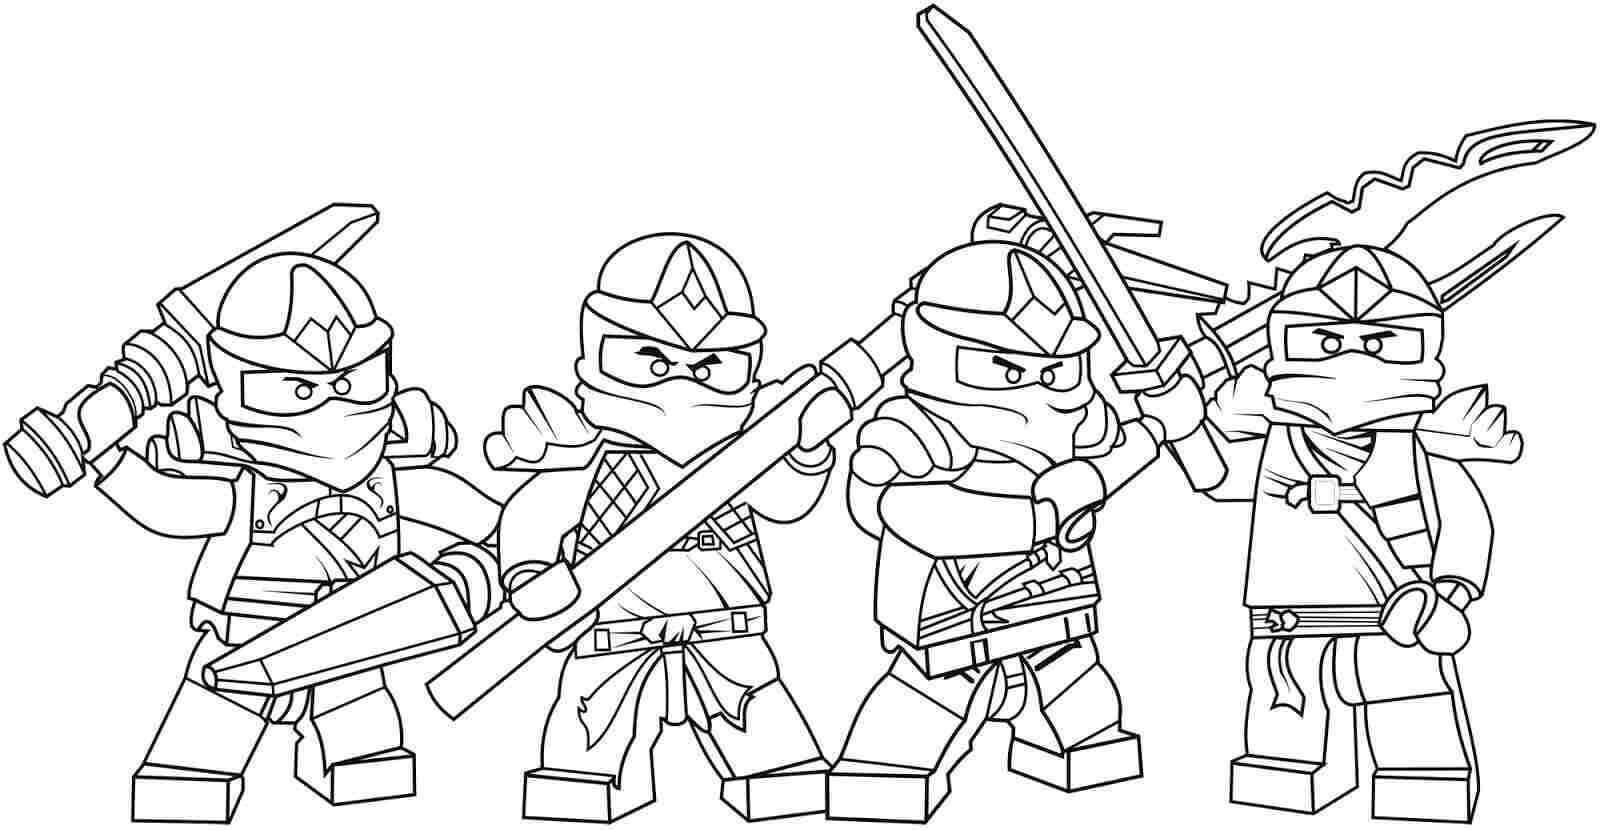 30 Free Printable Lego Ninjago Coloring Pages Ninjago Coloring